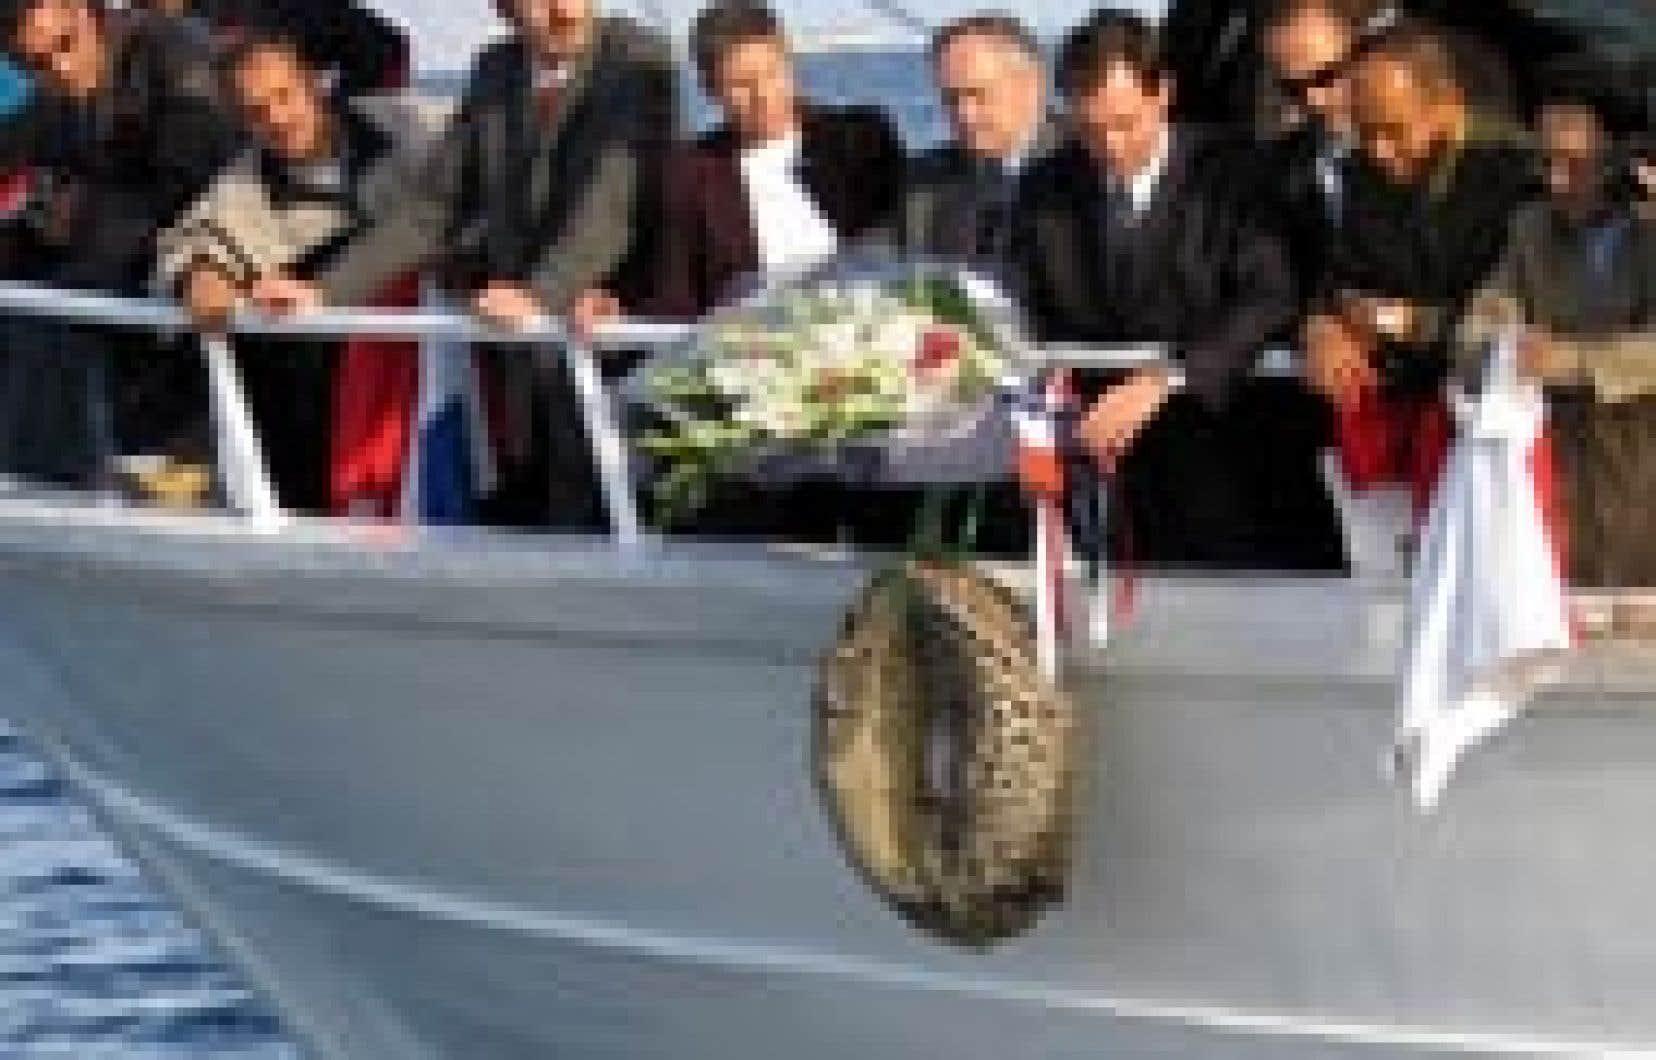 Le secrétaire d'État français aux Affaires étrangères, Renaud Muselier, a lancé hier un bouquet de fleurs à la mer sur le site de l'écrasement du Boeing 737 de Flash Airlines, en mémoire des 135 touristes et 13 membres d'équipage disparus